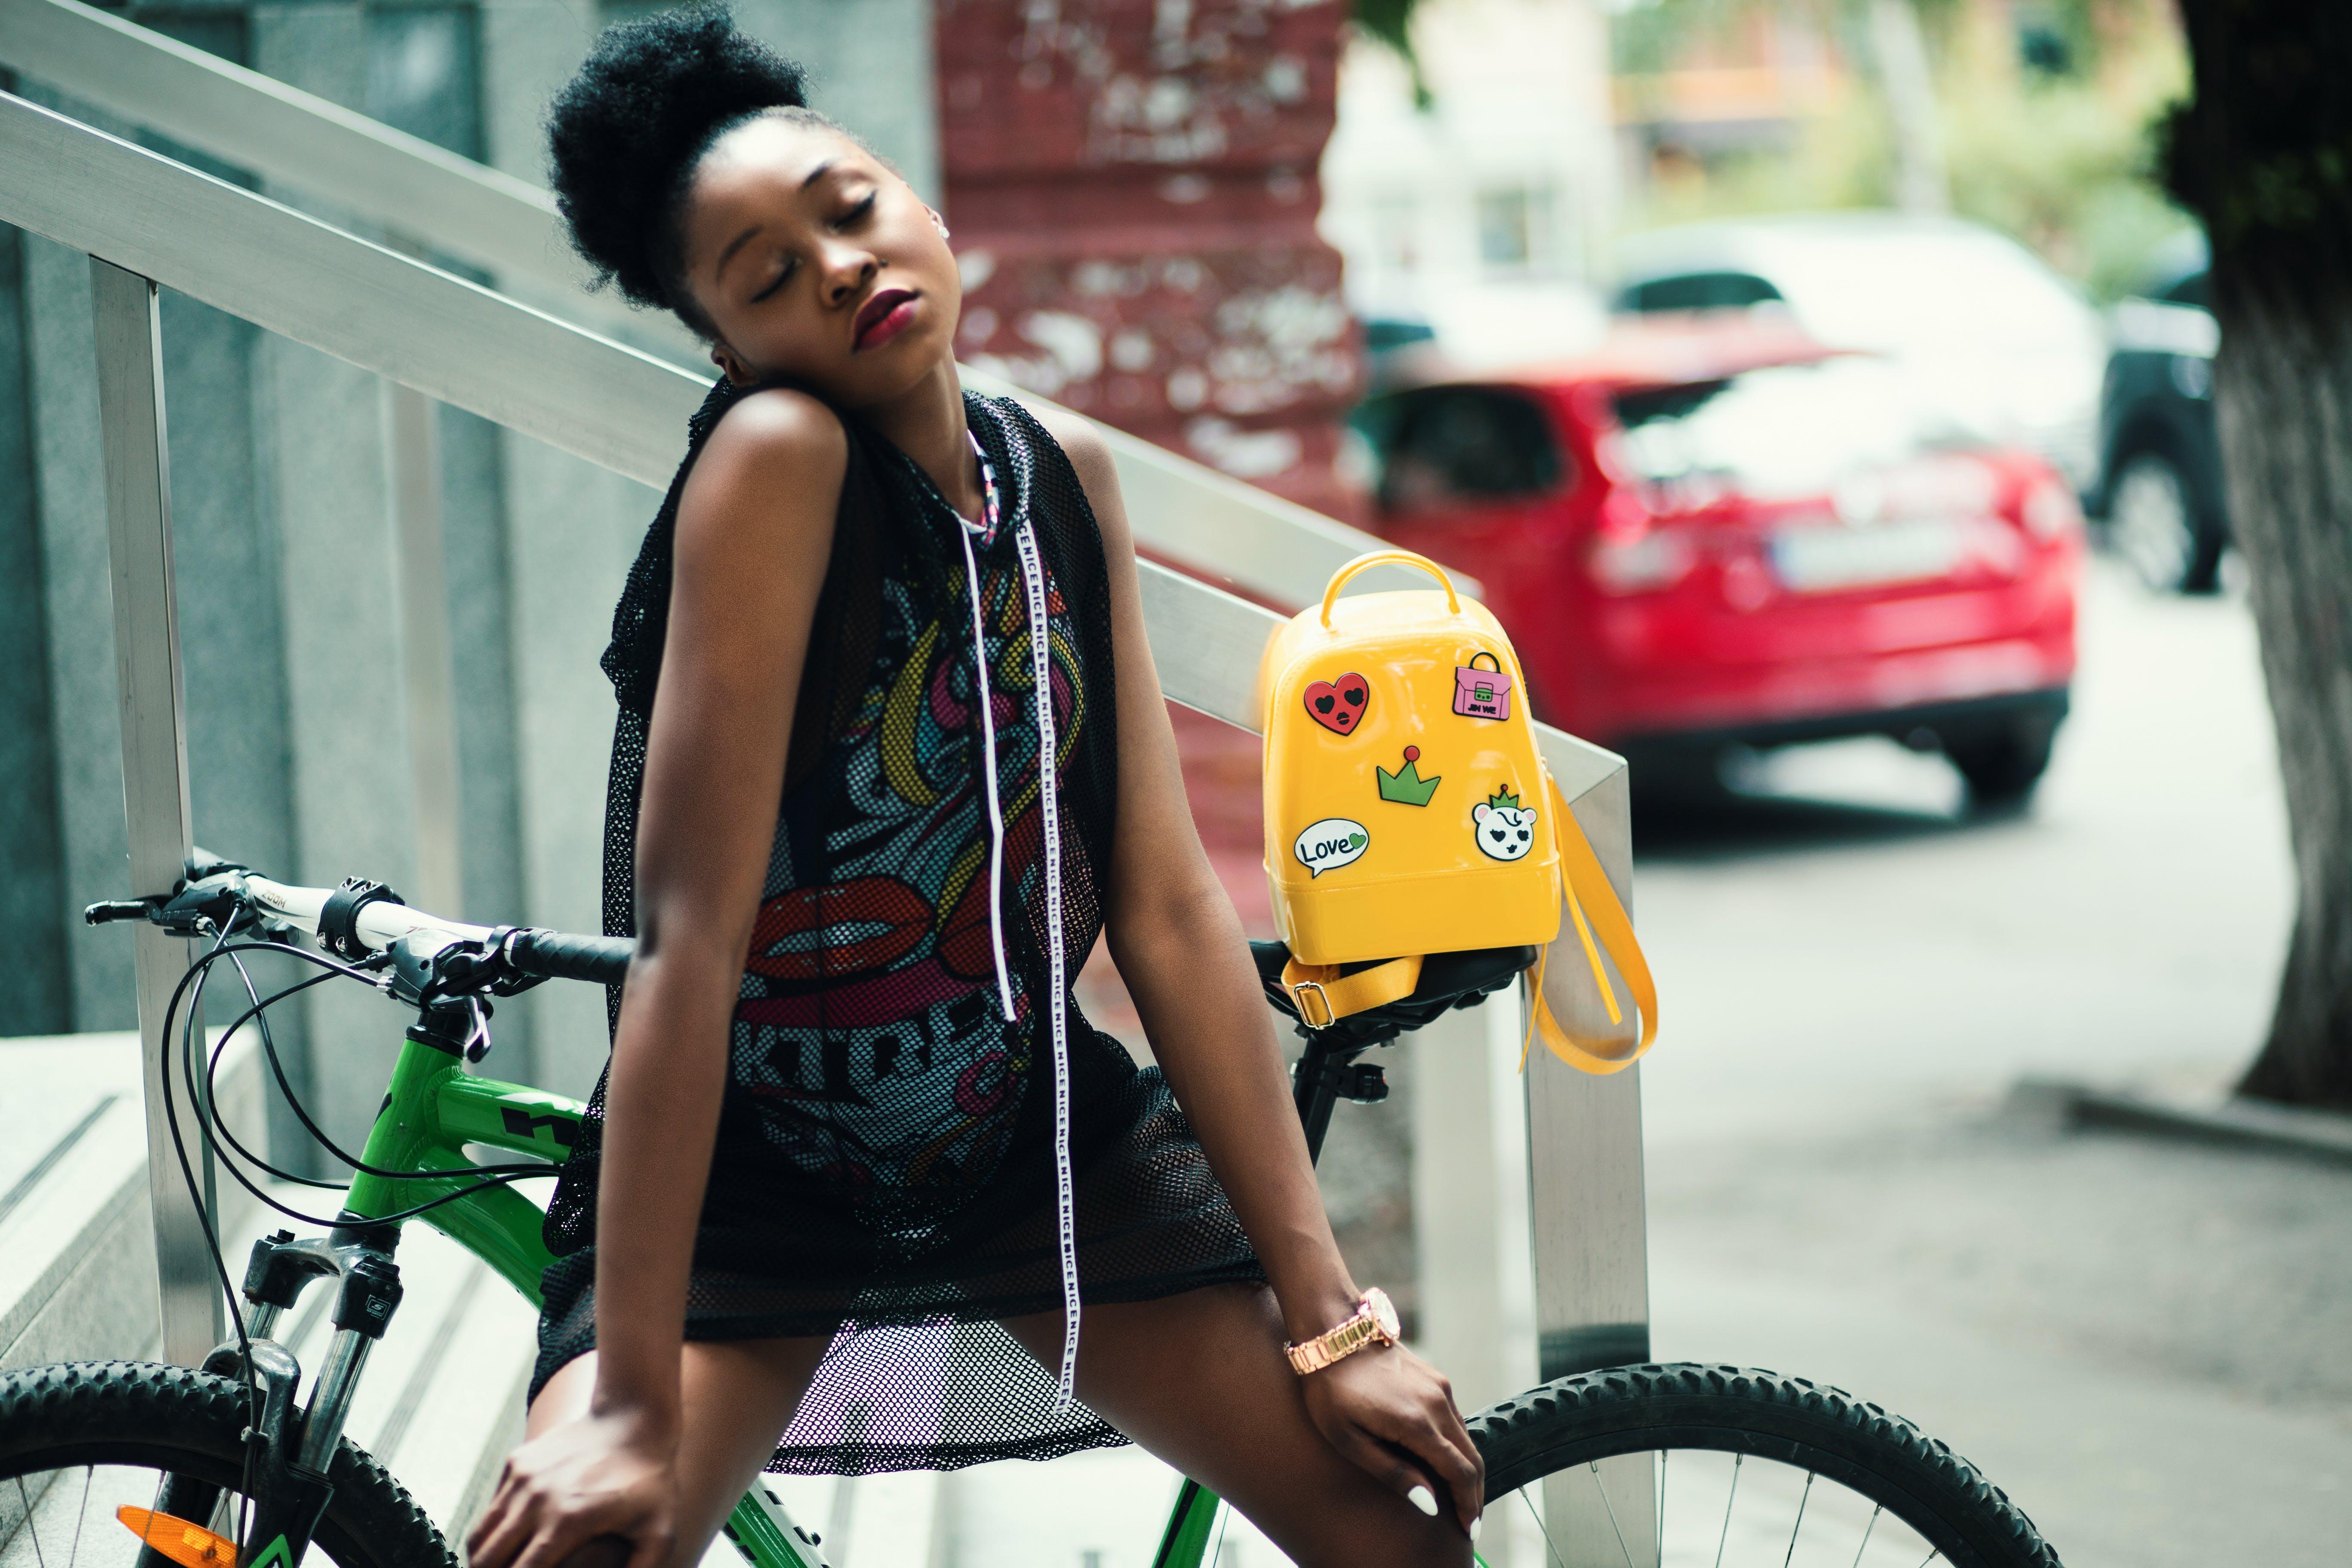 Kostnadsfri bild av afrikansk, afrikansk amerikan kvinna, ansiktsuttryck, bild